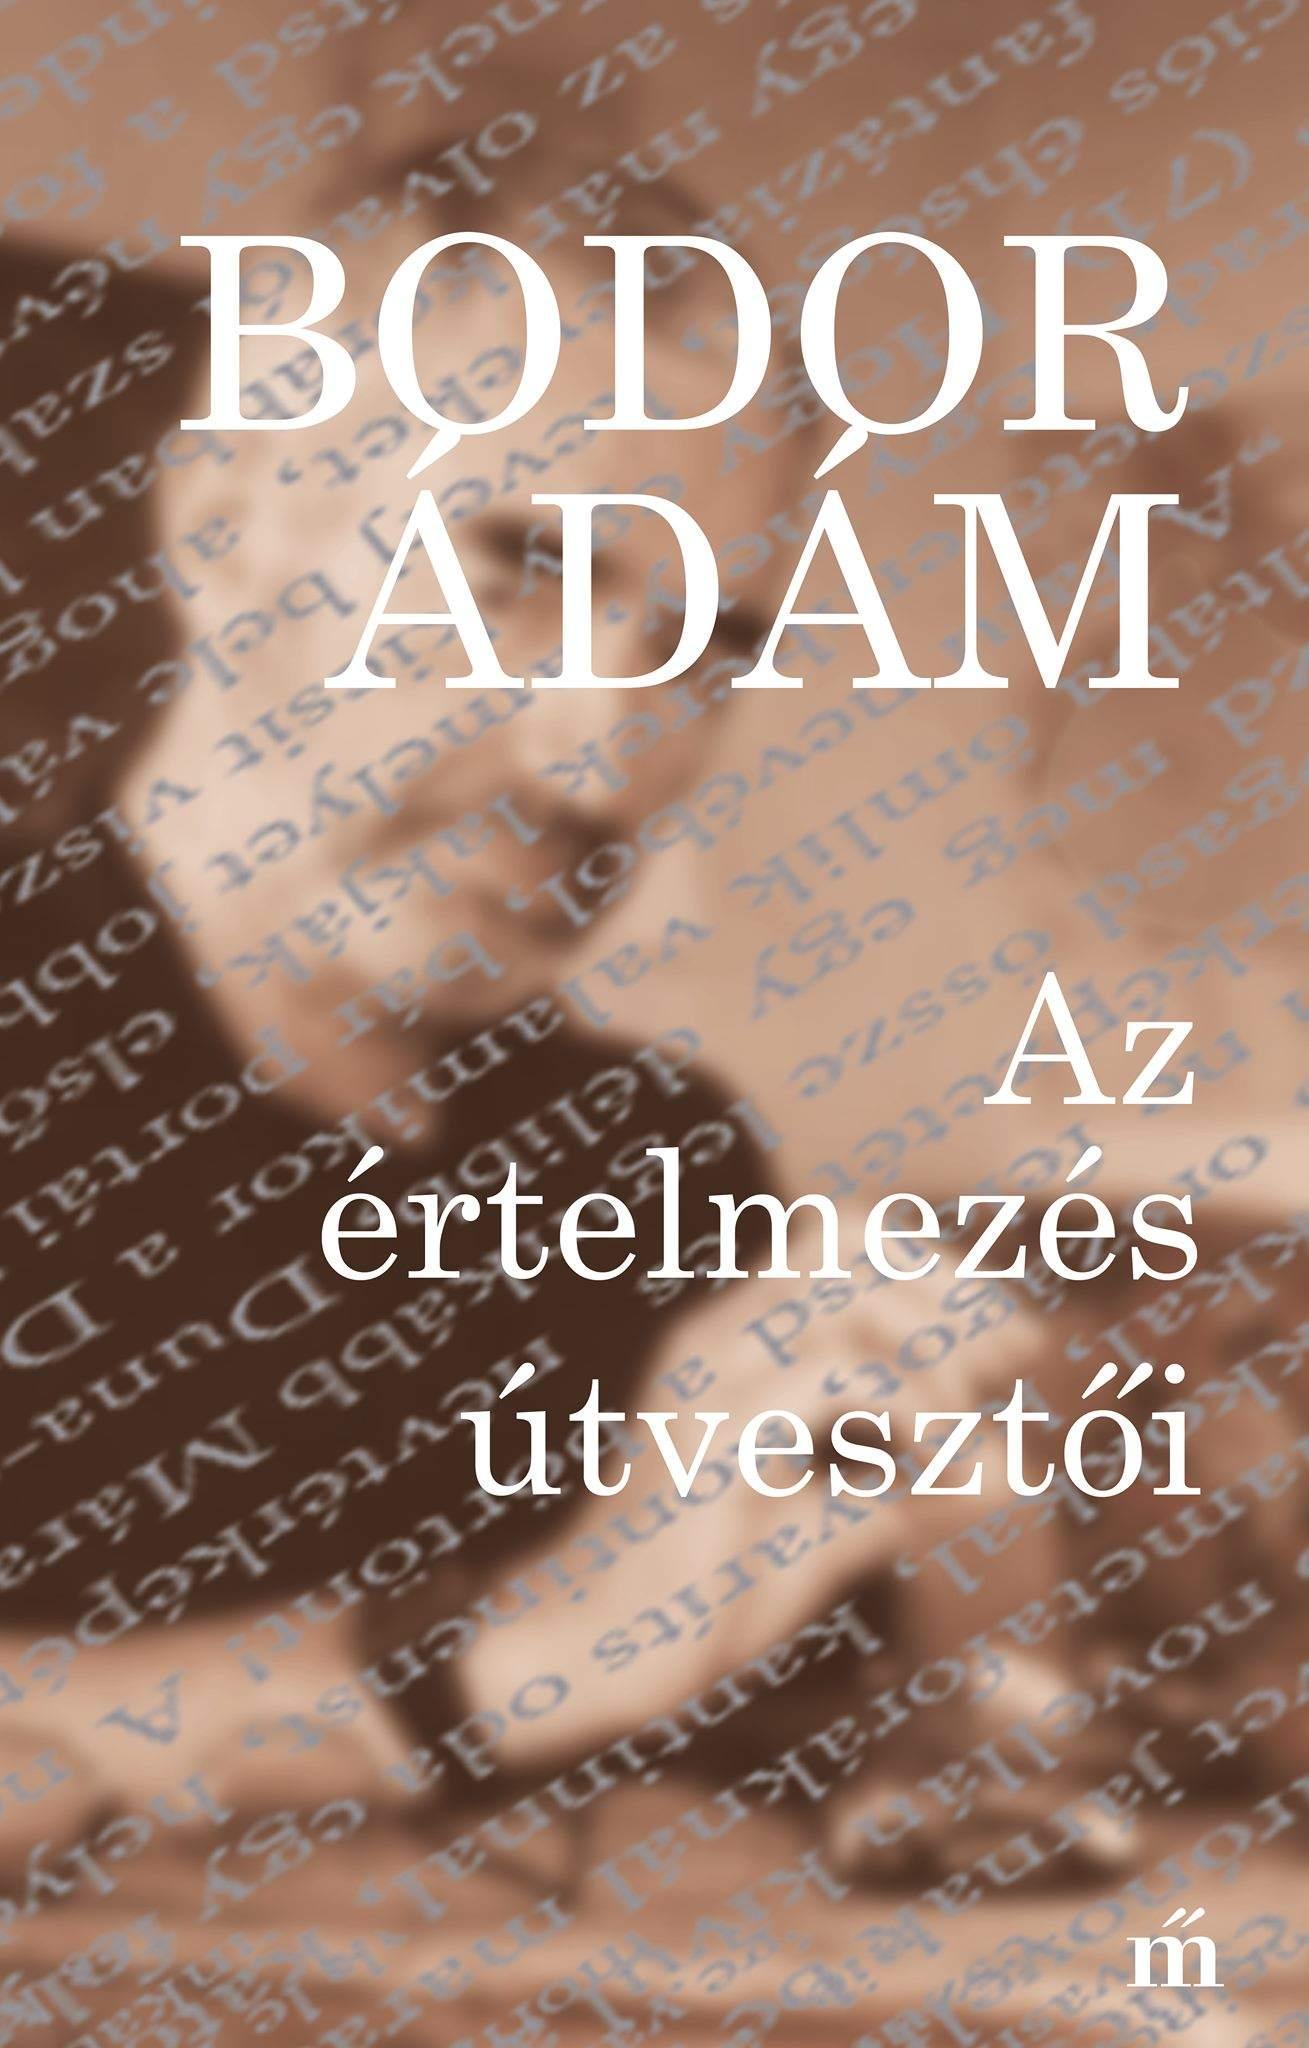 Bodor Ádám - Az értelmezés útvesztői